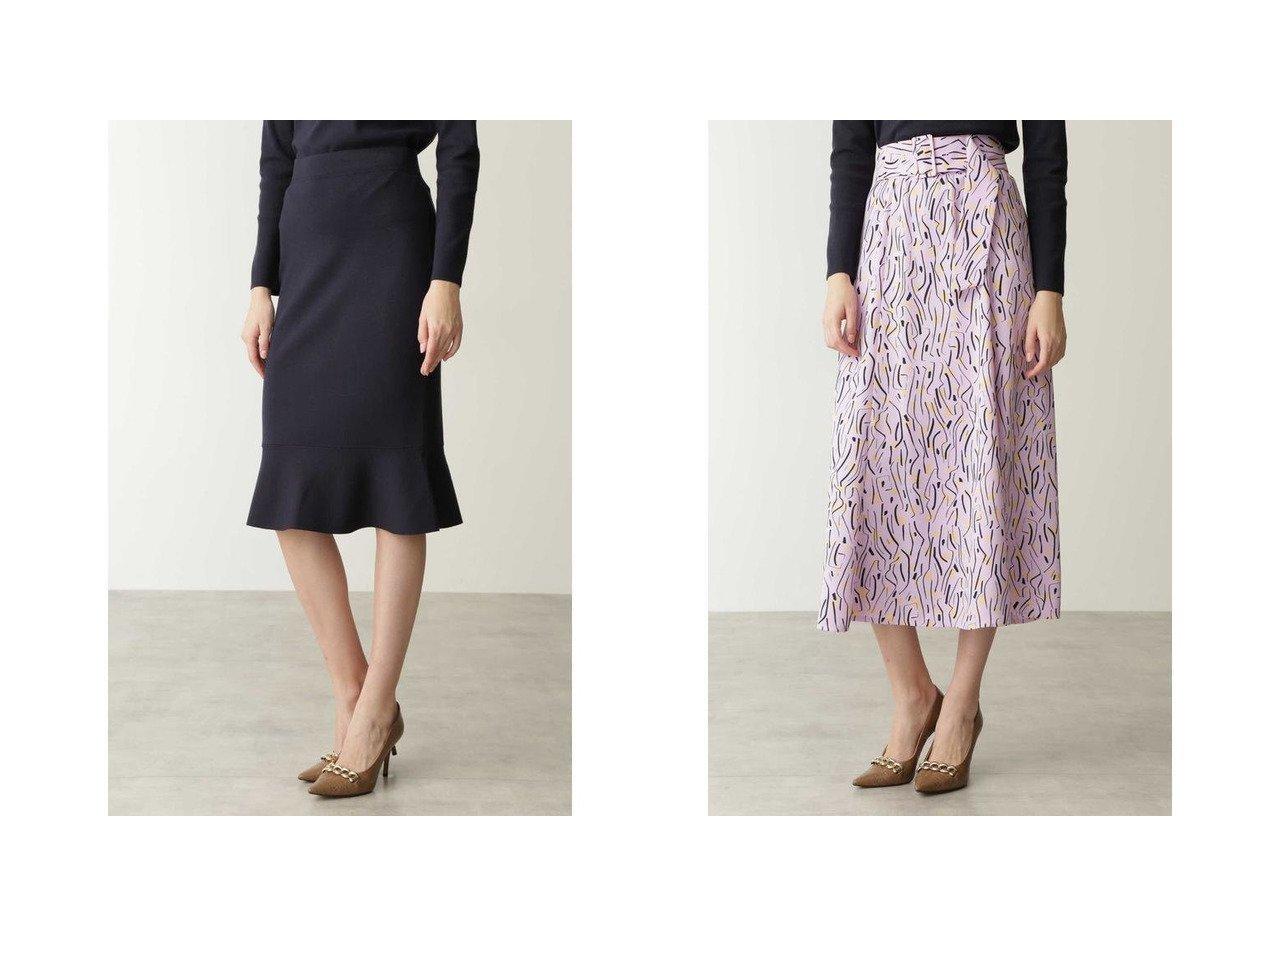 【Pinky&Dianne/ピンキーアンドダイアン】のフローウイーモチーフプリントサーキュラースカート&ペプラムニットスカート スカートのおすすめ!人気、レディースファッションの通販  おすすめで人気のファッション通販商品 インテリア・家具・キッズファッション・メンズファッション・レディースファッション・服の通販 founy(ファニー) https://founy.com/ ファッション Fashion レディース WOMEN スカート Skirt エレガント ペプラム クラシカル フレア プリント モダン ラベンダー ランダム  ID:crp329100000004028